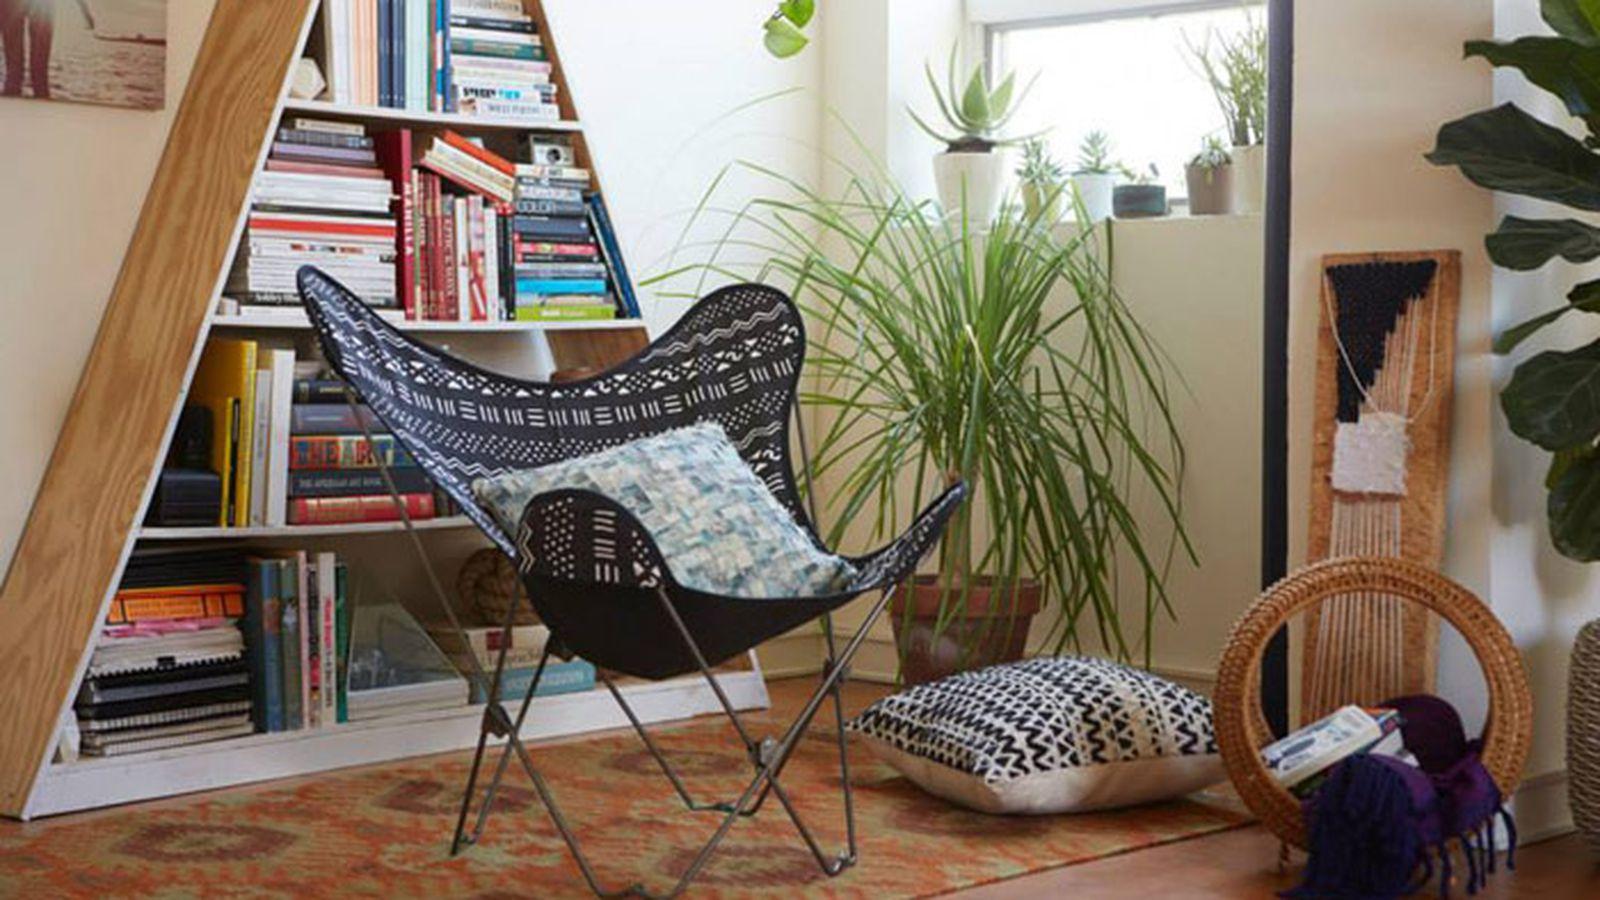 La 39 S Best Shops For Affordable Dorm Room Furniture Decor